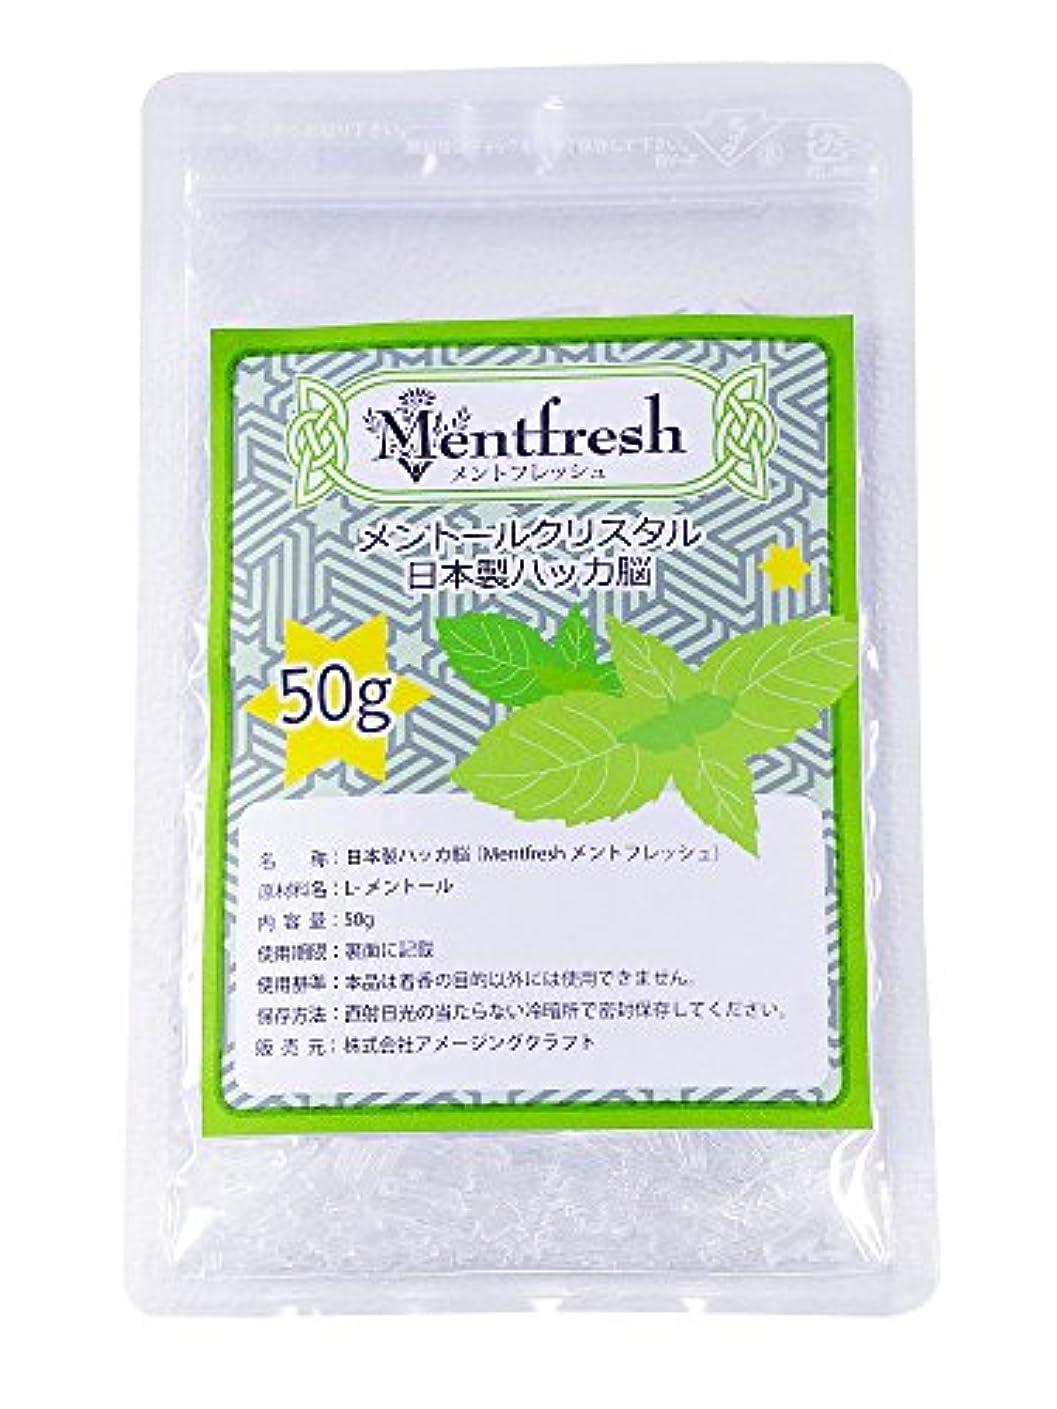 間隔貢献するアフリカ人日本製 ハッカ結晶 メントフレッシュ メントールクリスタル (50g)